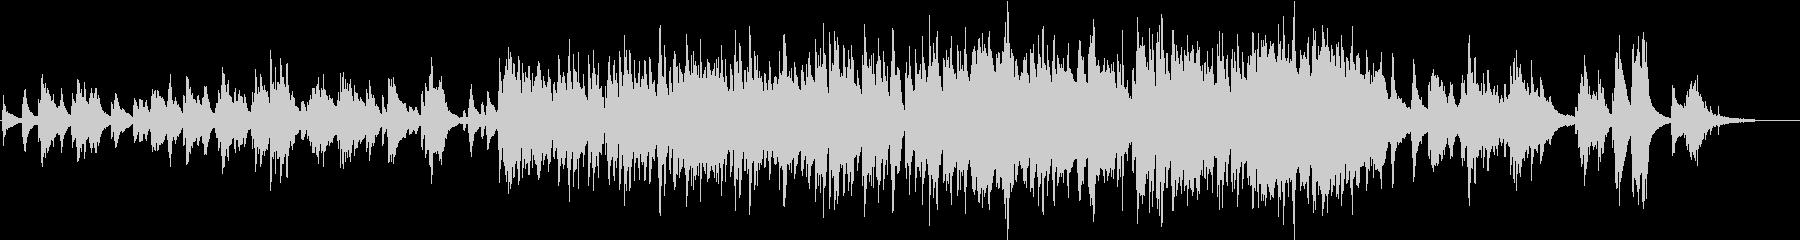 少し切ないピアノとハーモニカのバラードの未再生の波形